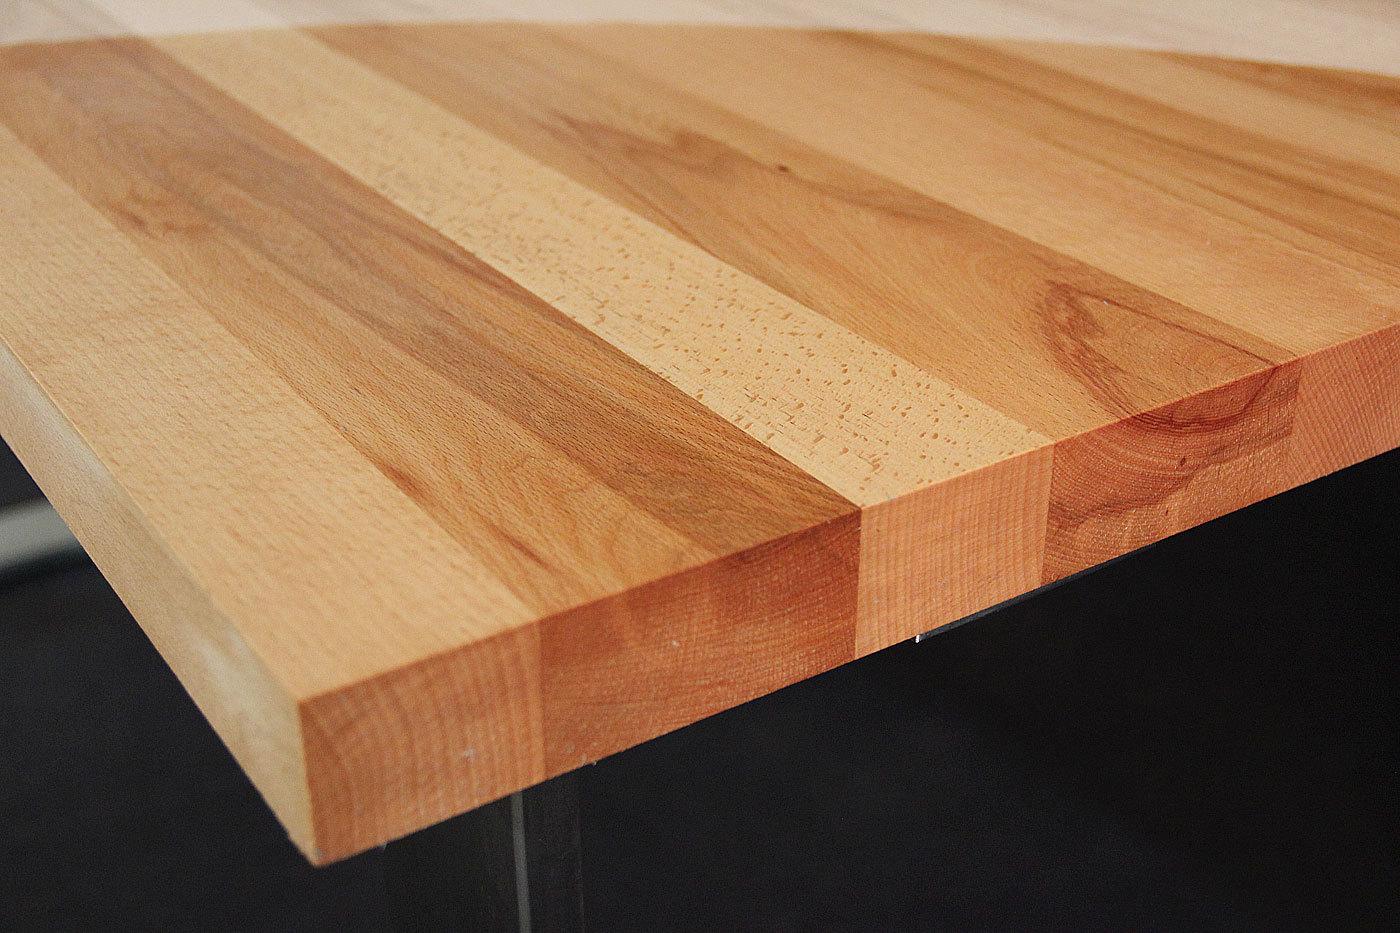 tischplatte massivholz kernbuche dl fsc 40 1600 900. Black Bedroom Furniture Sets. Home Design Ideas